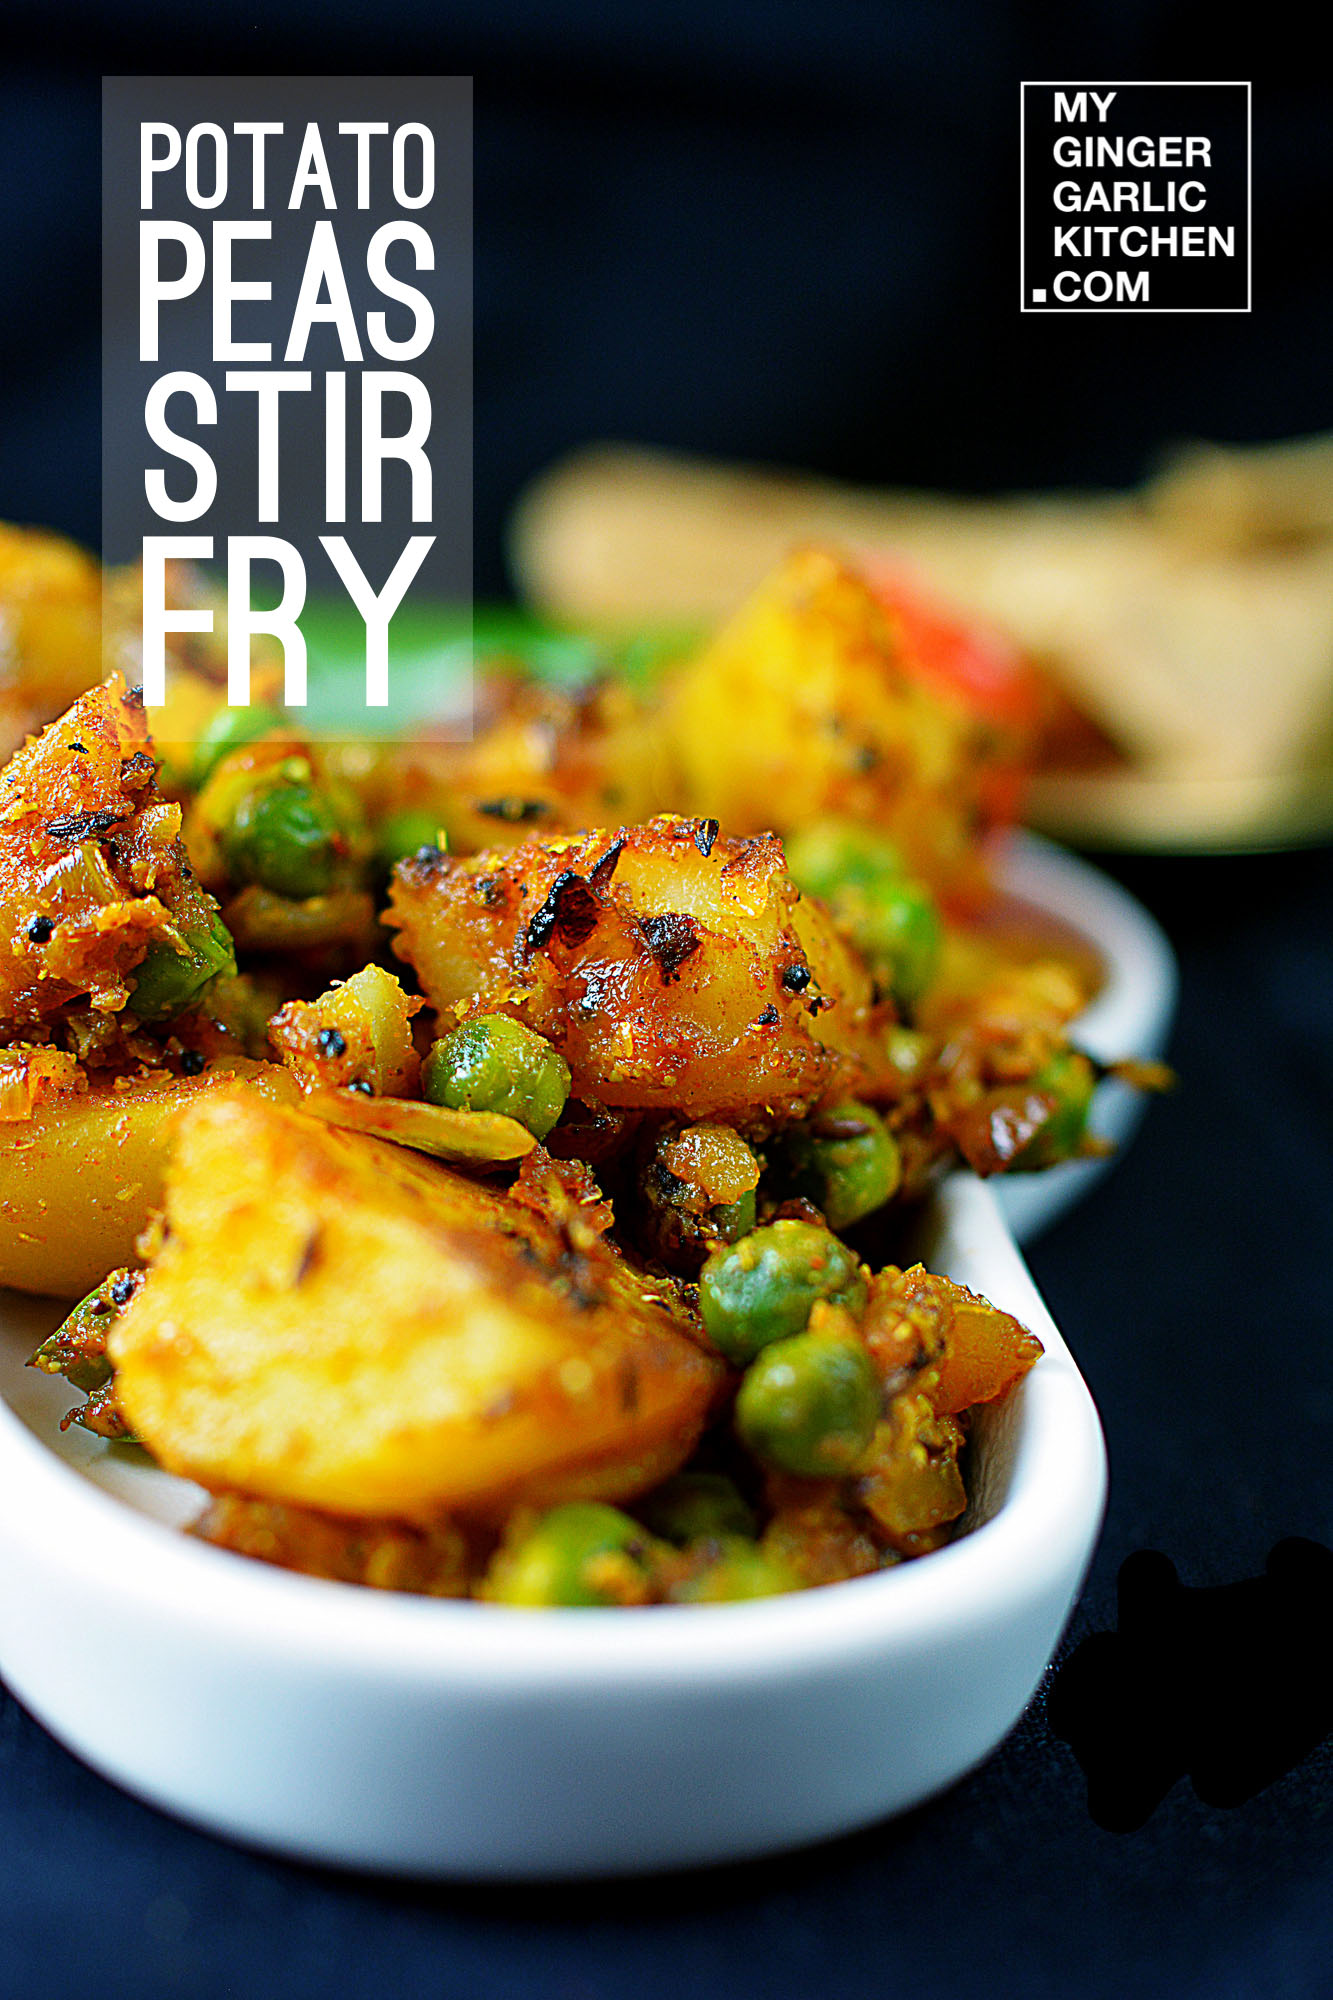 Image - recipe dark potoato peas stir fry anupama paliwal my ginger garlic kitchen 3